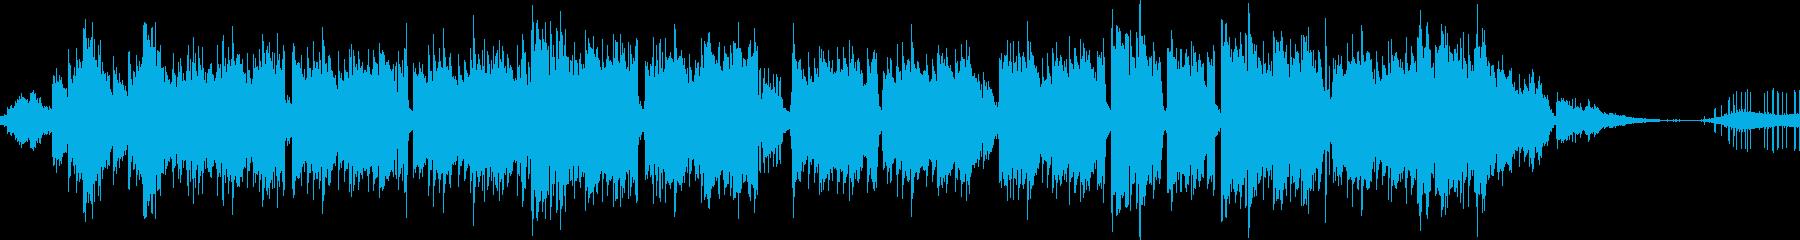 独特なリズムで奇妙なメロディーの再生済みの波形